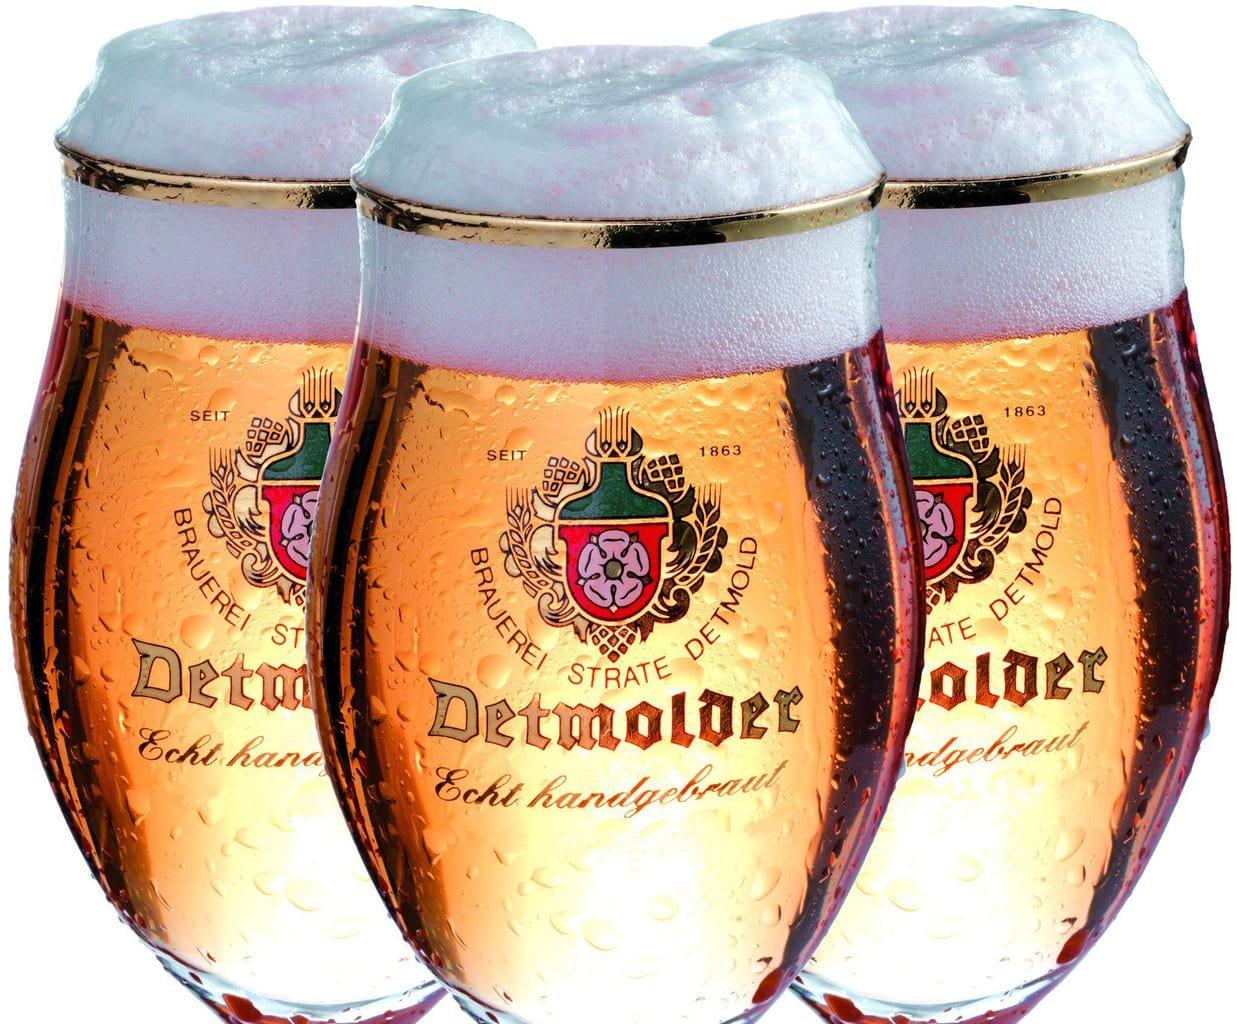 Drei glazen met vers getapt pils van Detmolder